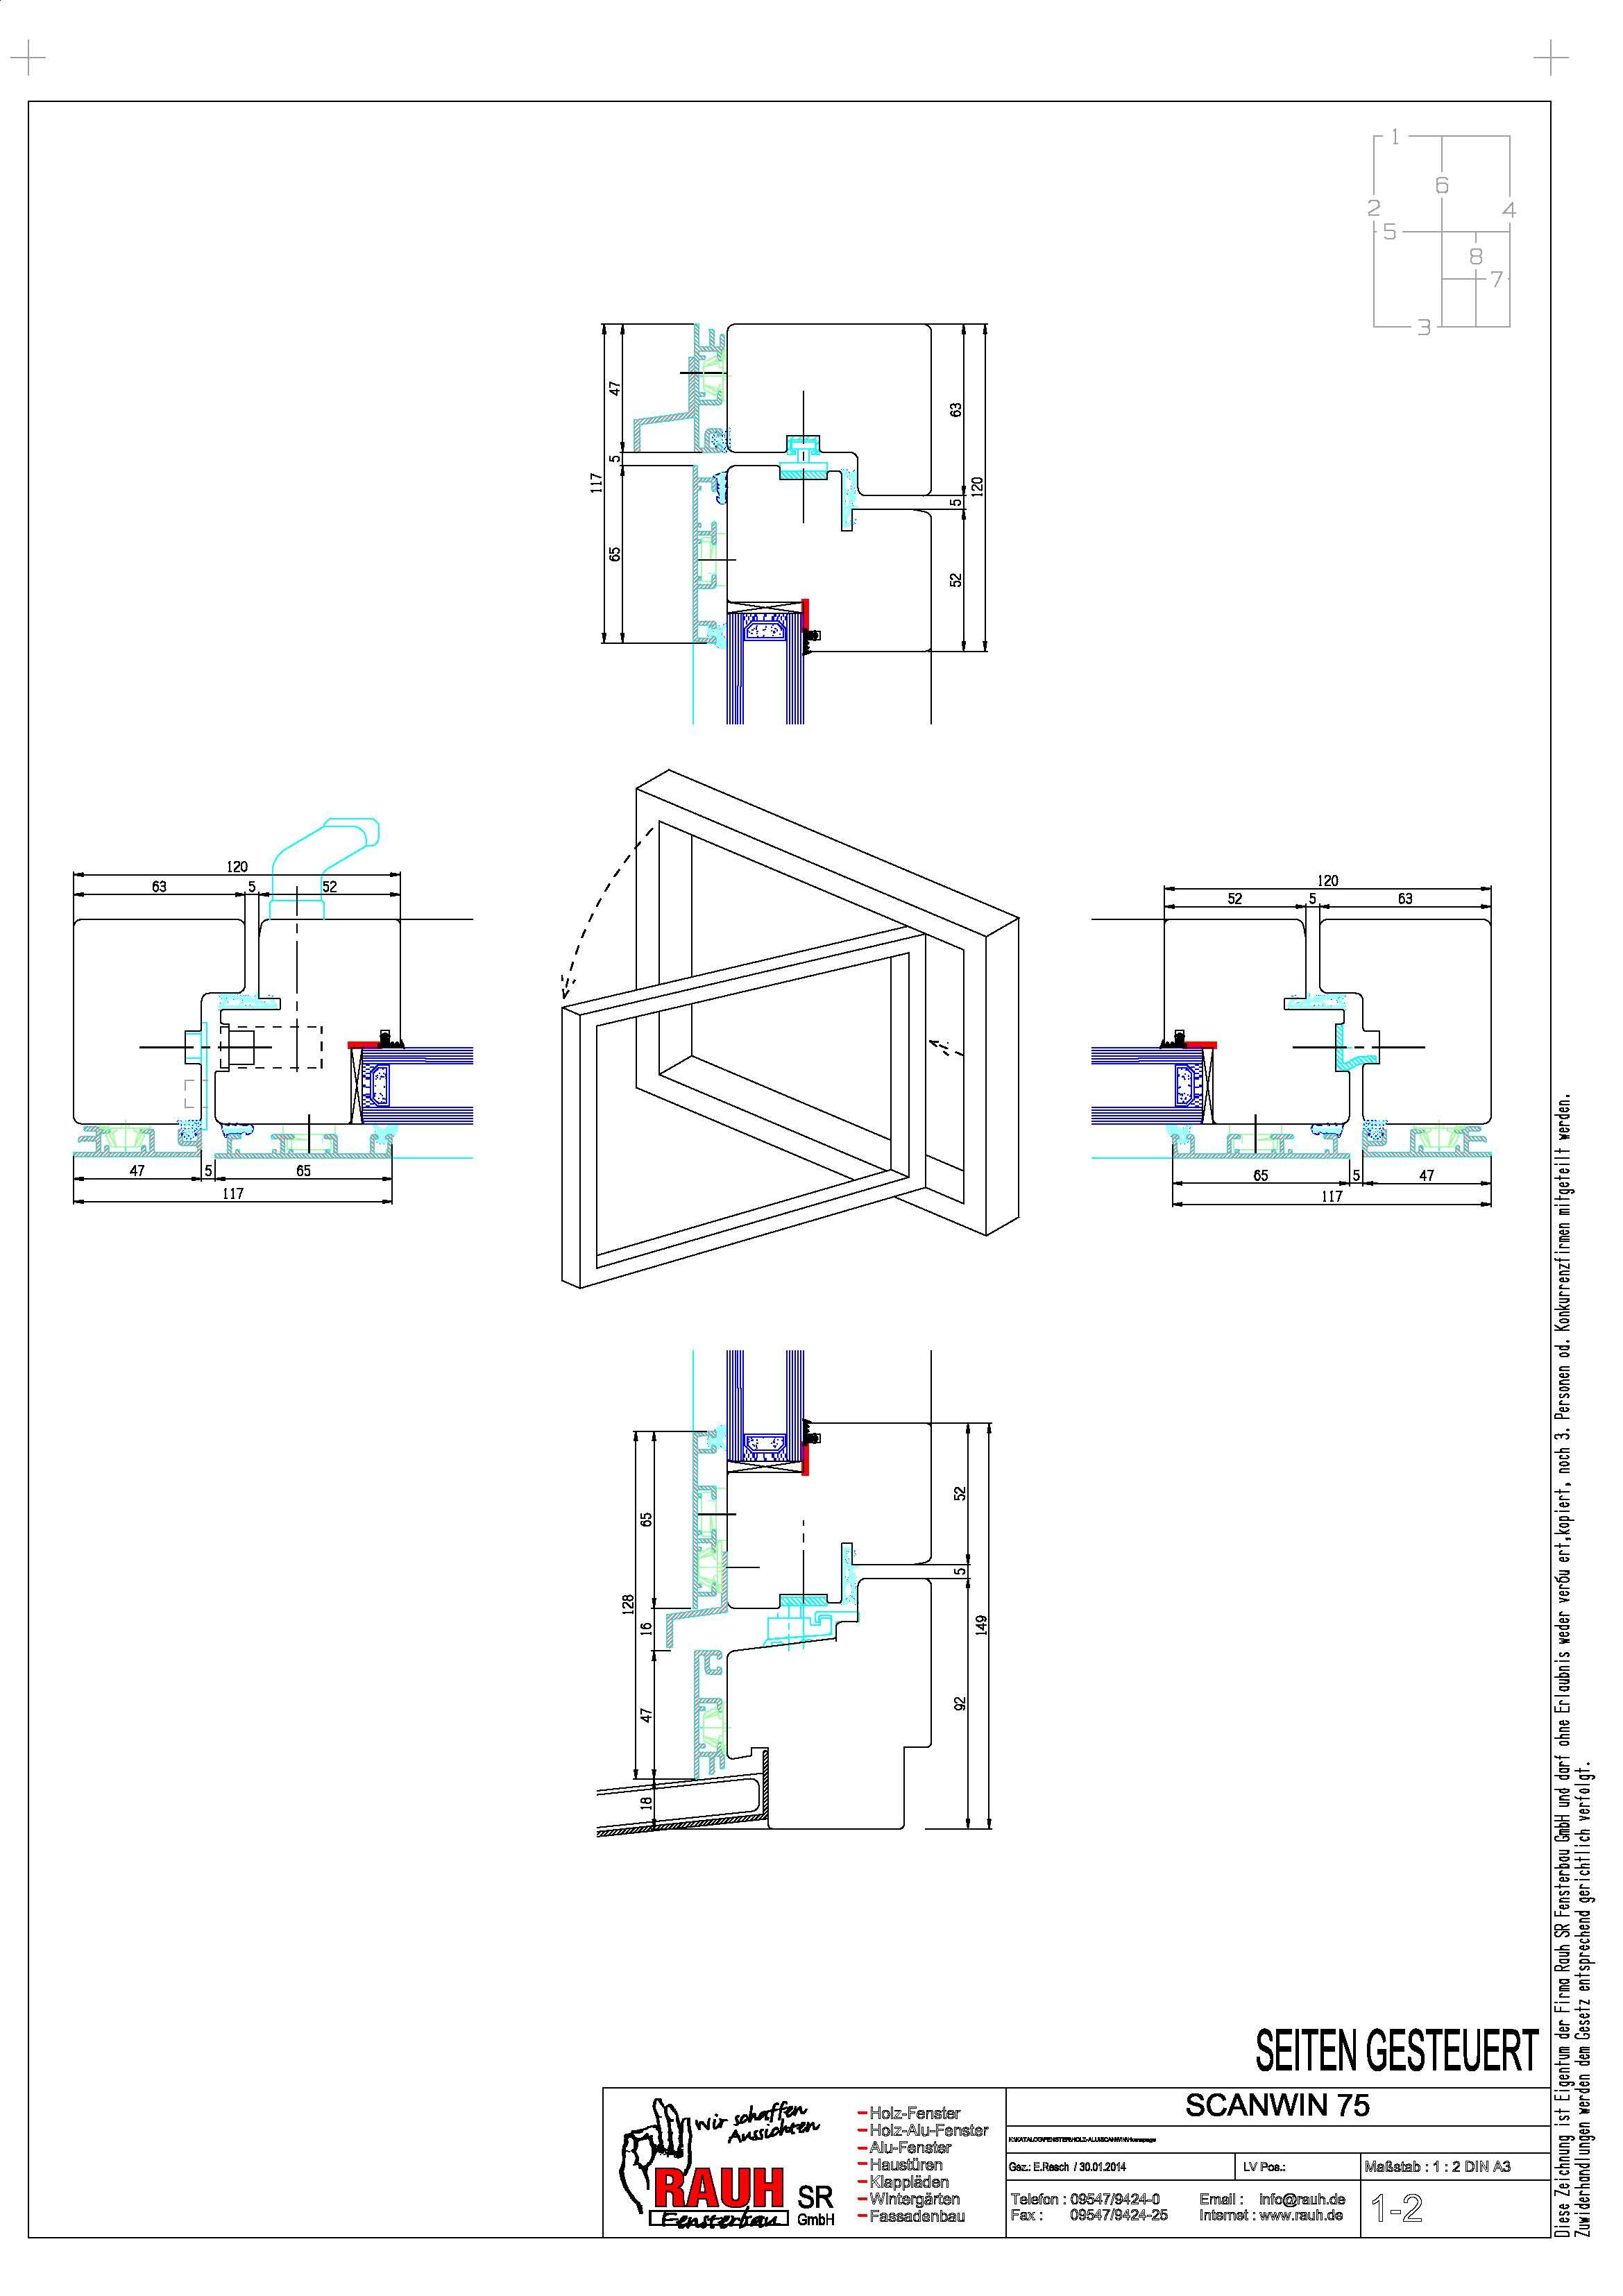 RAUH SR Fensterbau GmbH: Scanwin